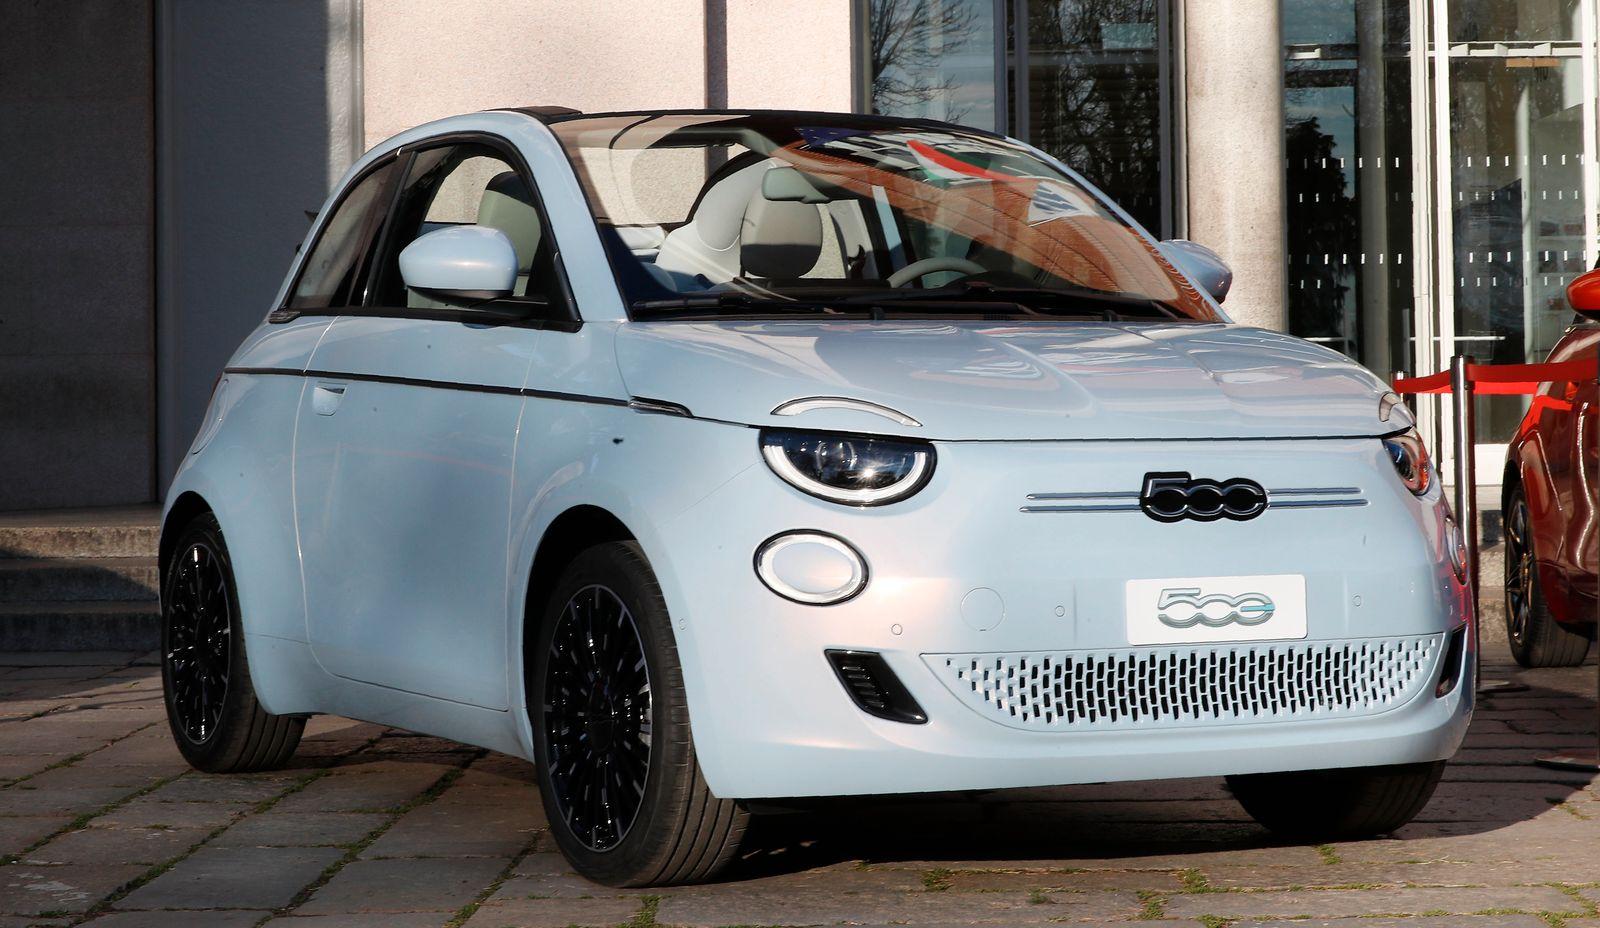 Fiat 500 3. Generation Elektroauto FCAGesamtansicht